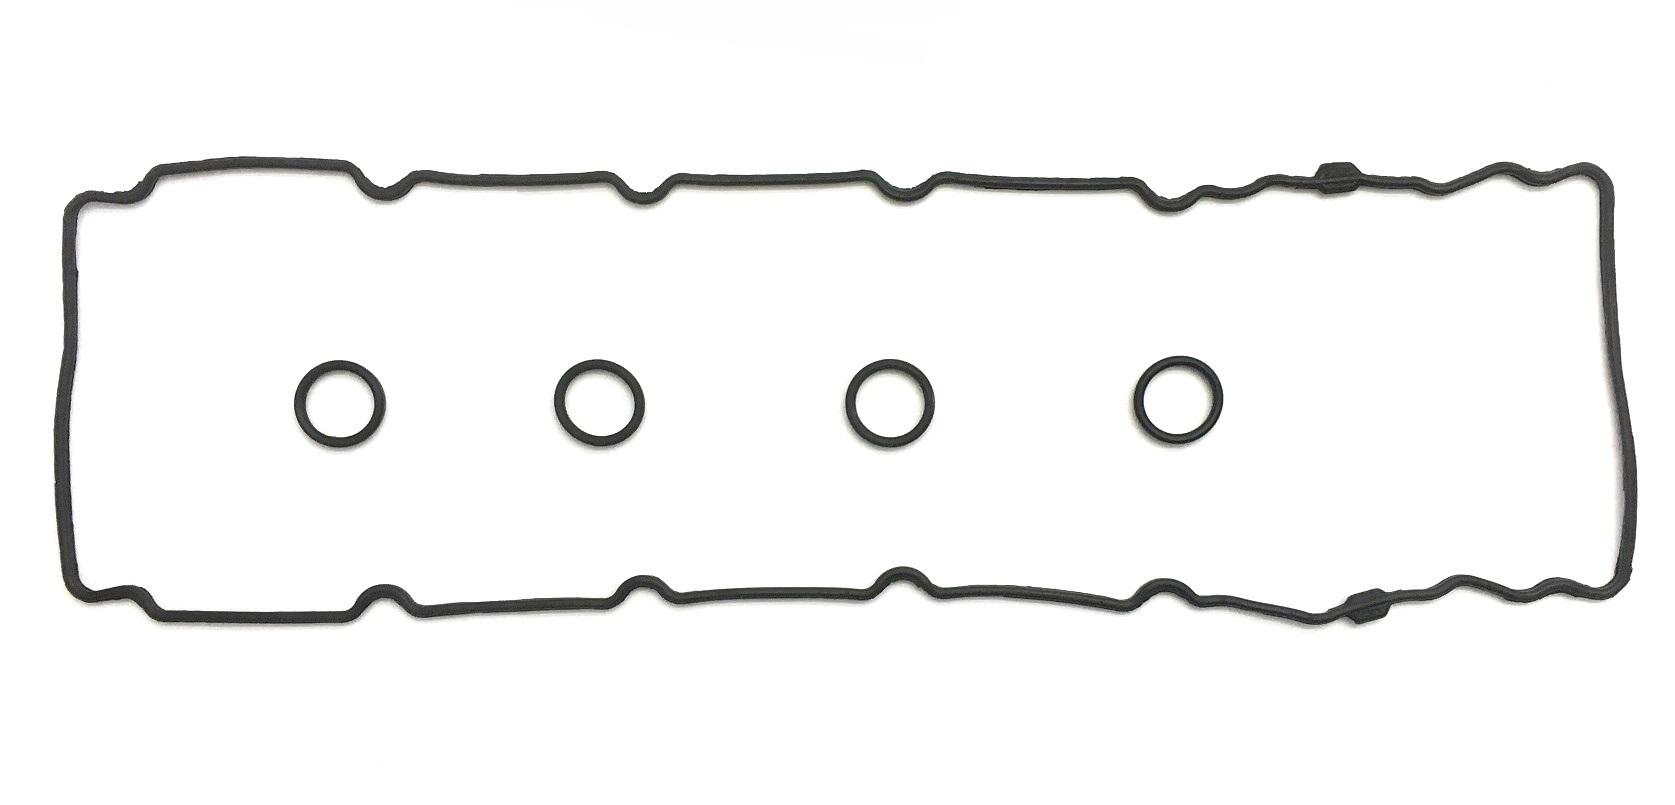 Kit Ventildeckeldichtung 4 2l V8